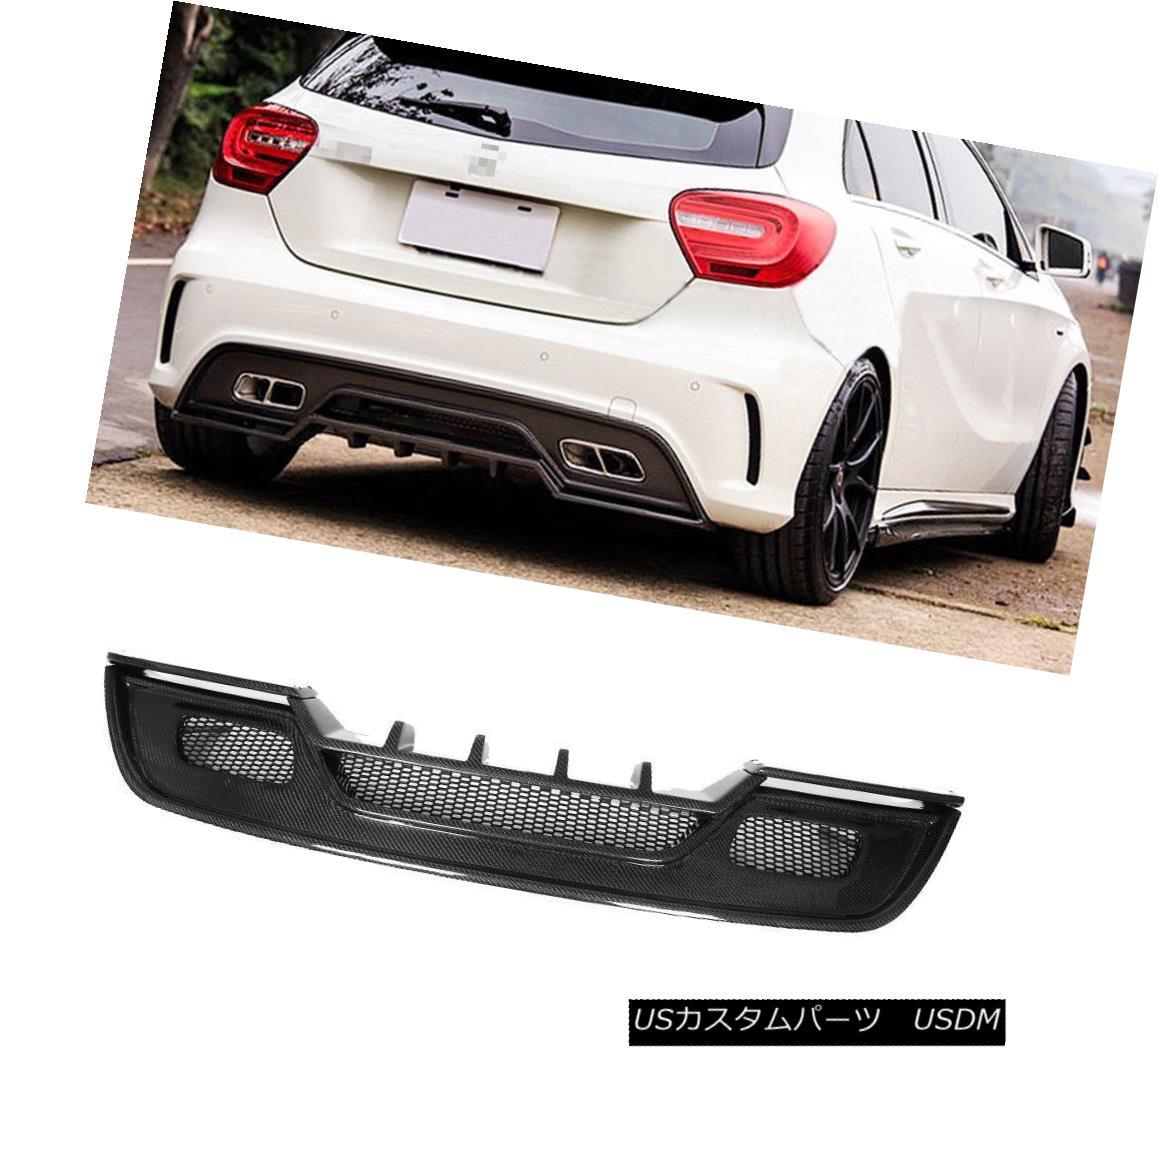 エアロパーツ Carbon Fiber Rear Bumper Diffuser Chin Lip for Mercedes Benz A250 2013-2015 Mercedes Benz A250 2013-2015用カーボンファイバーリアバンパーディフューザーチンリップ